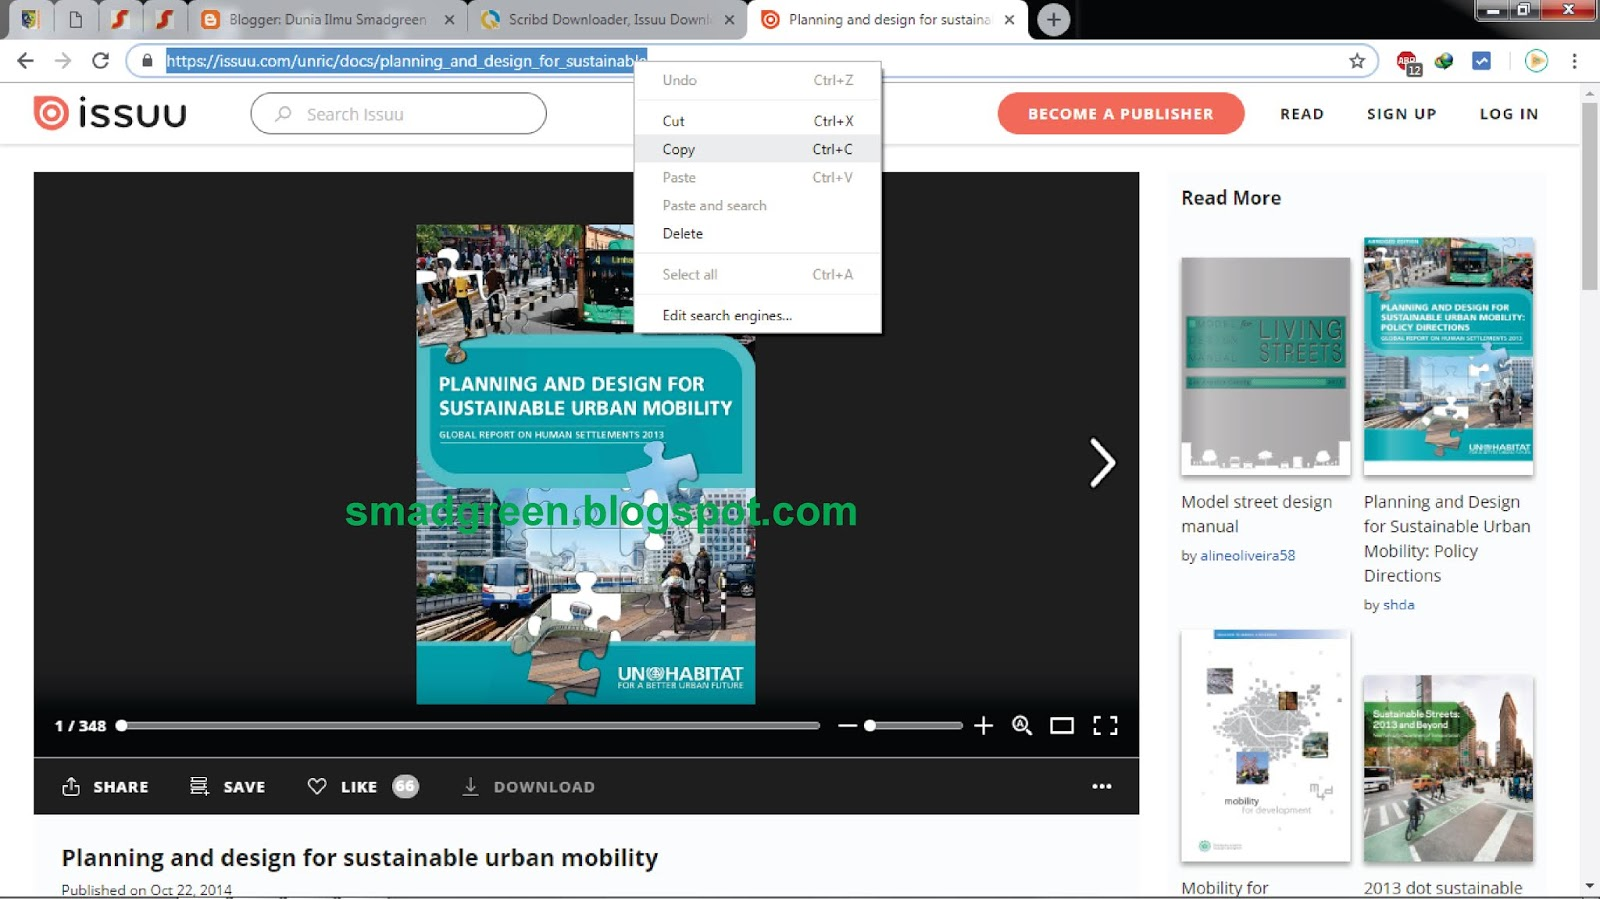 Cara Download File di Situs Scribd, ISSUU, Slideshare dan Academia